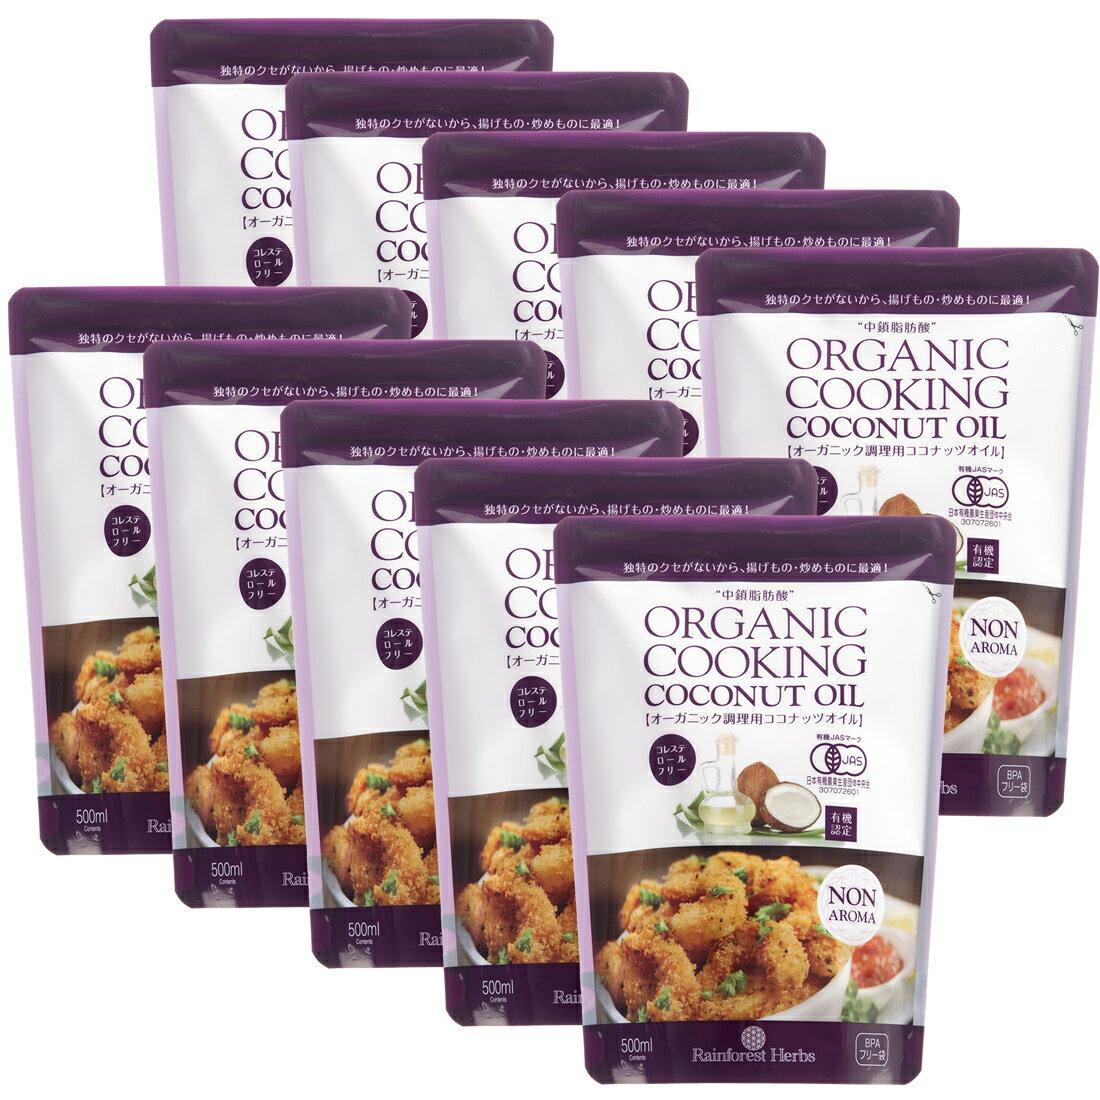 油, ココナッツオイル JAS 500ml456g10 organic cooking coconut oil NON AROMA noBPA